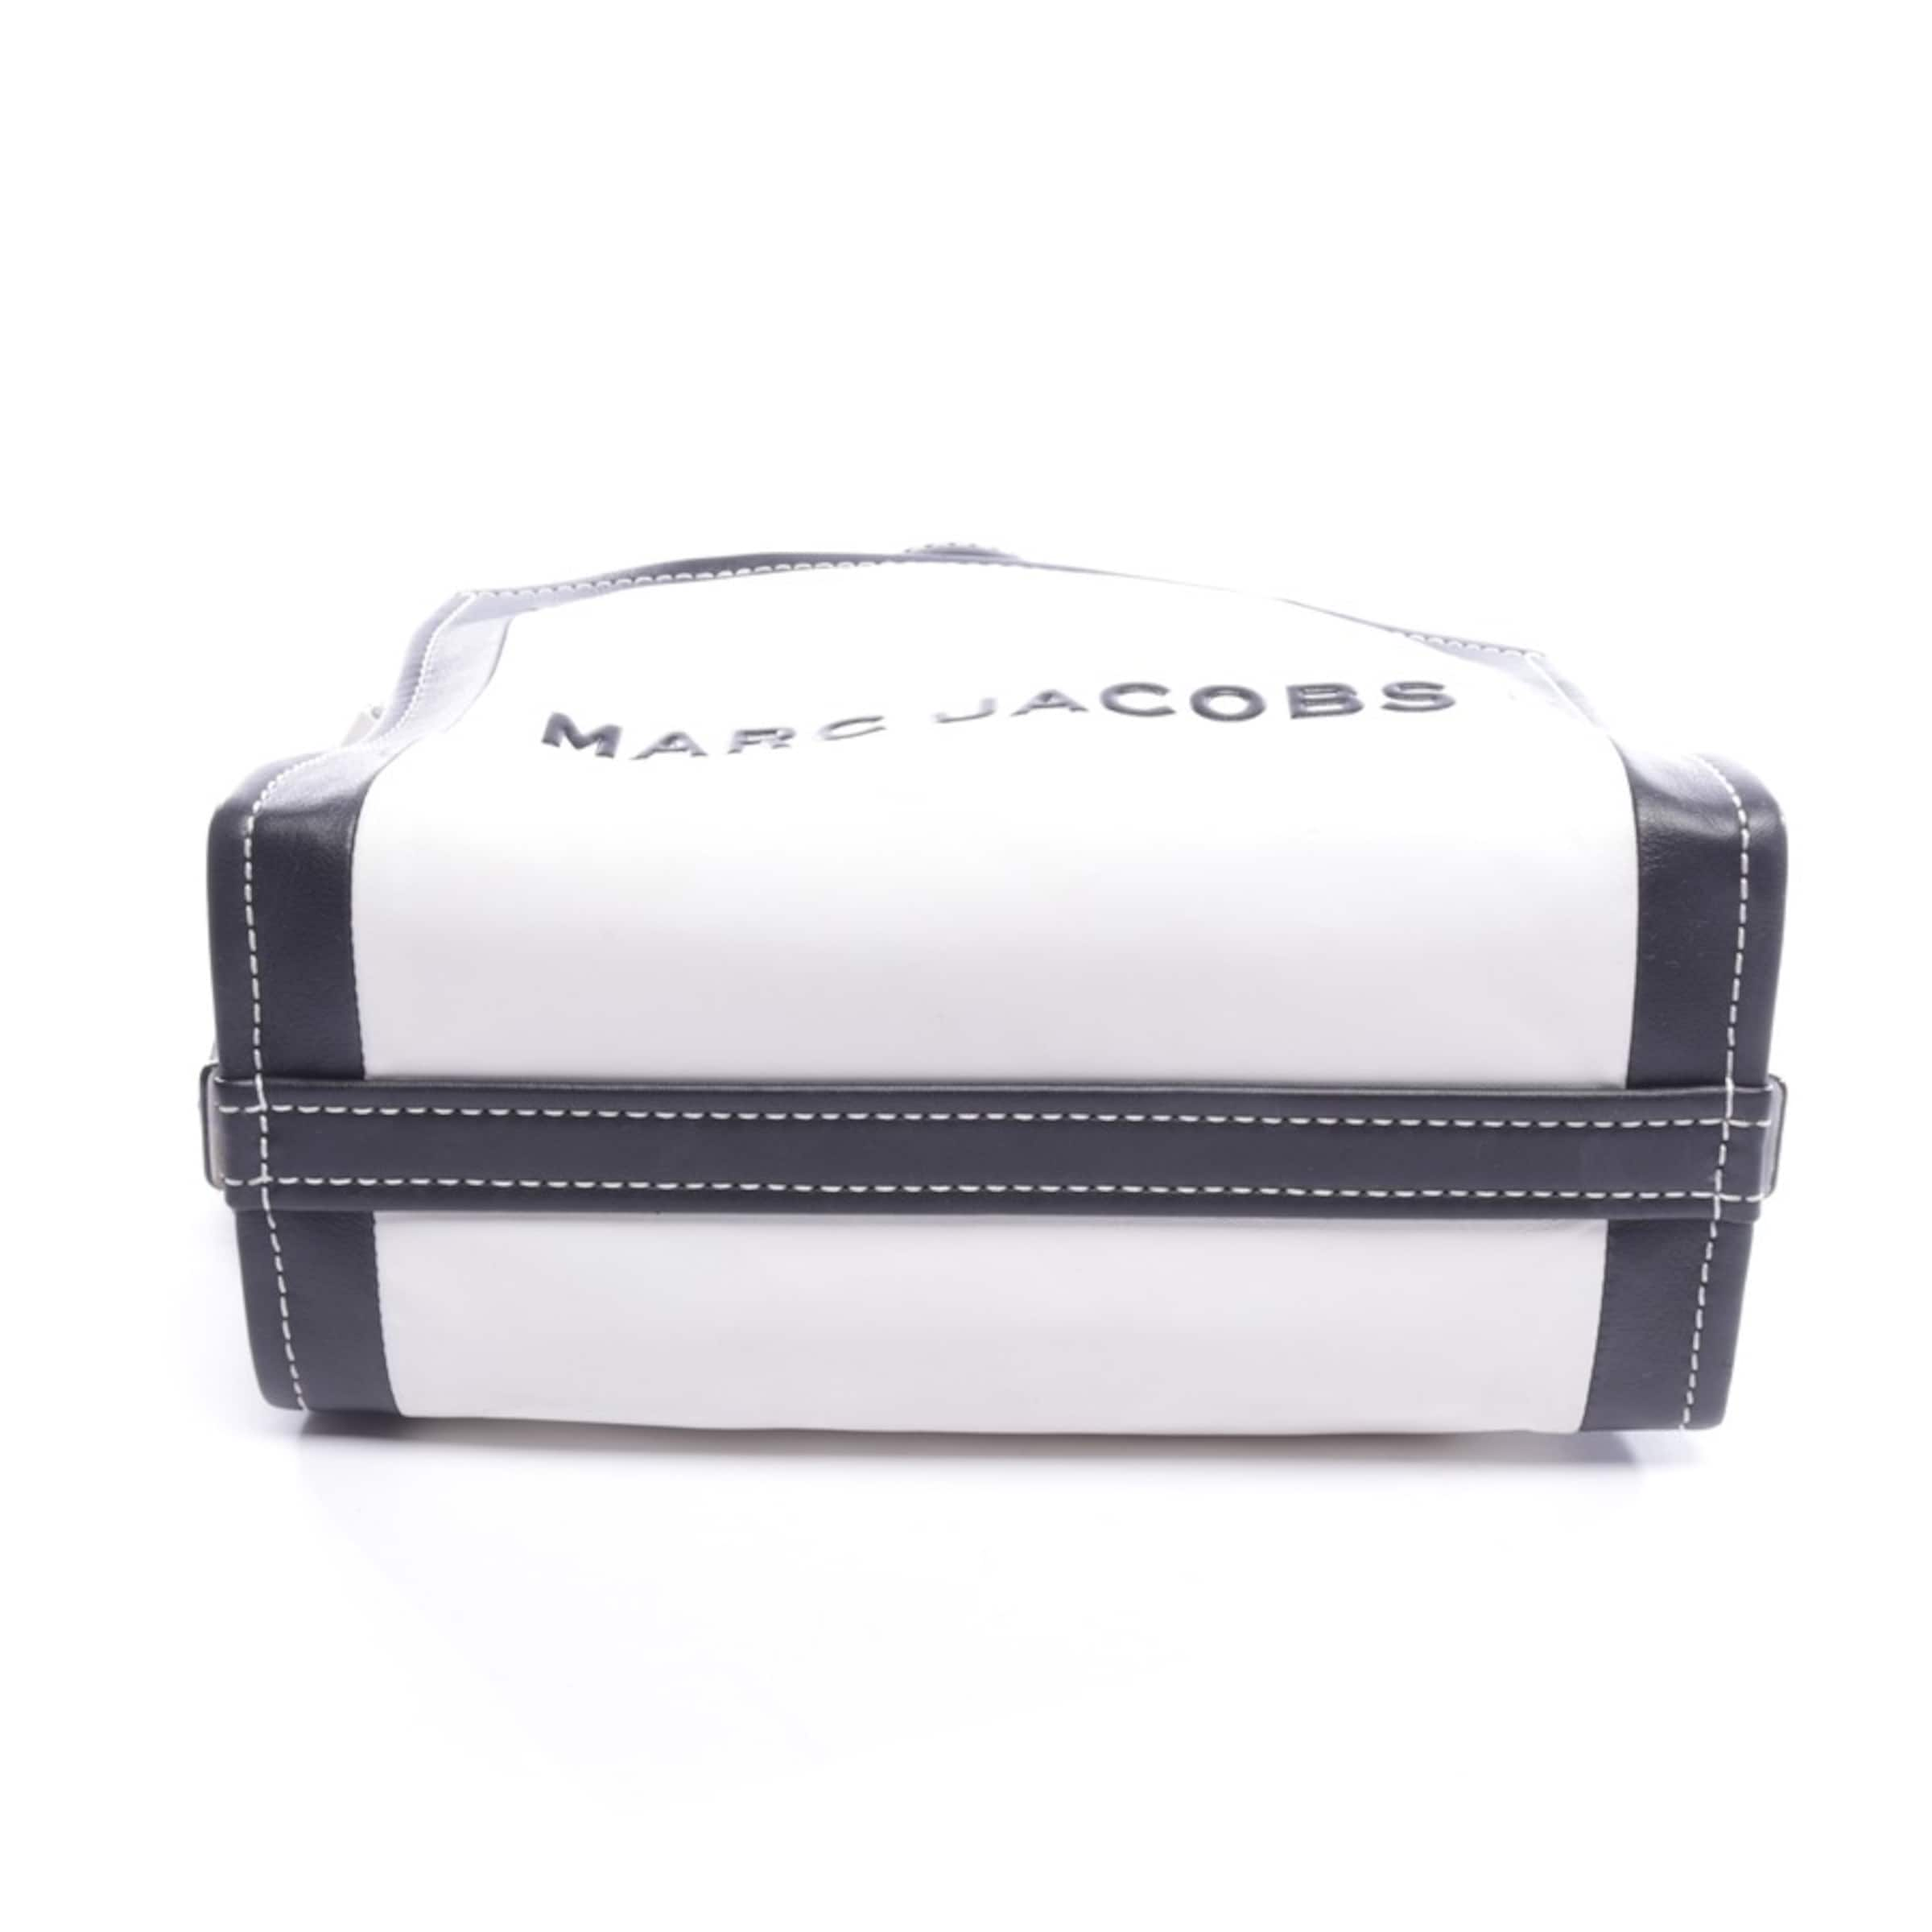 Marc Jacobs Handtasche in M in schwarz / weiß